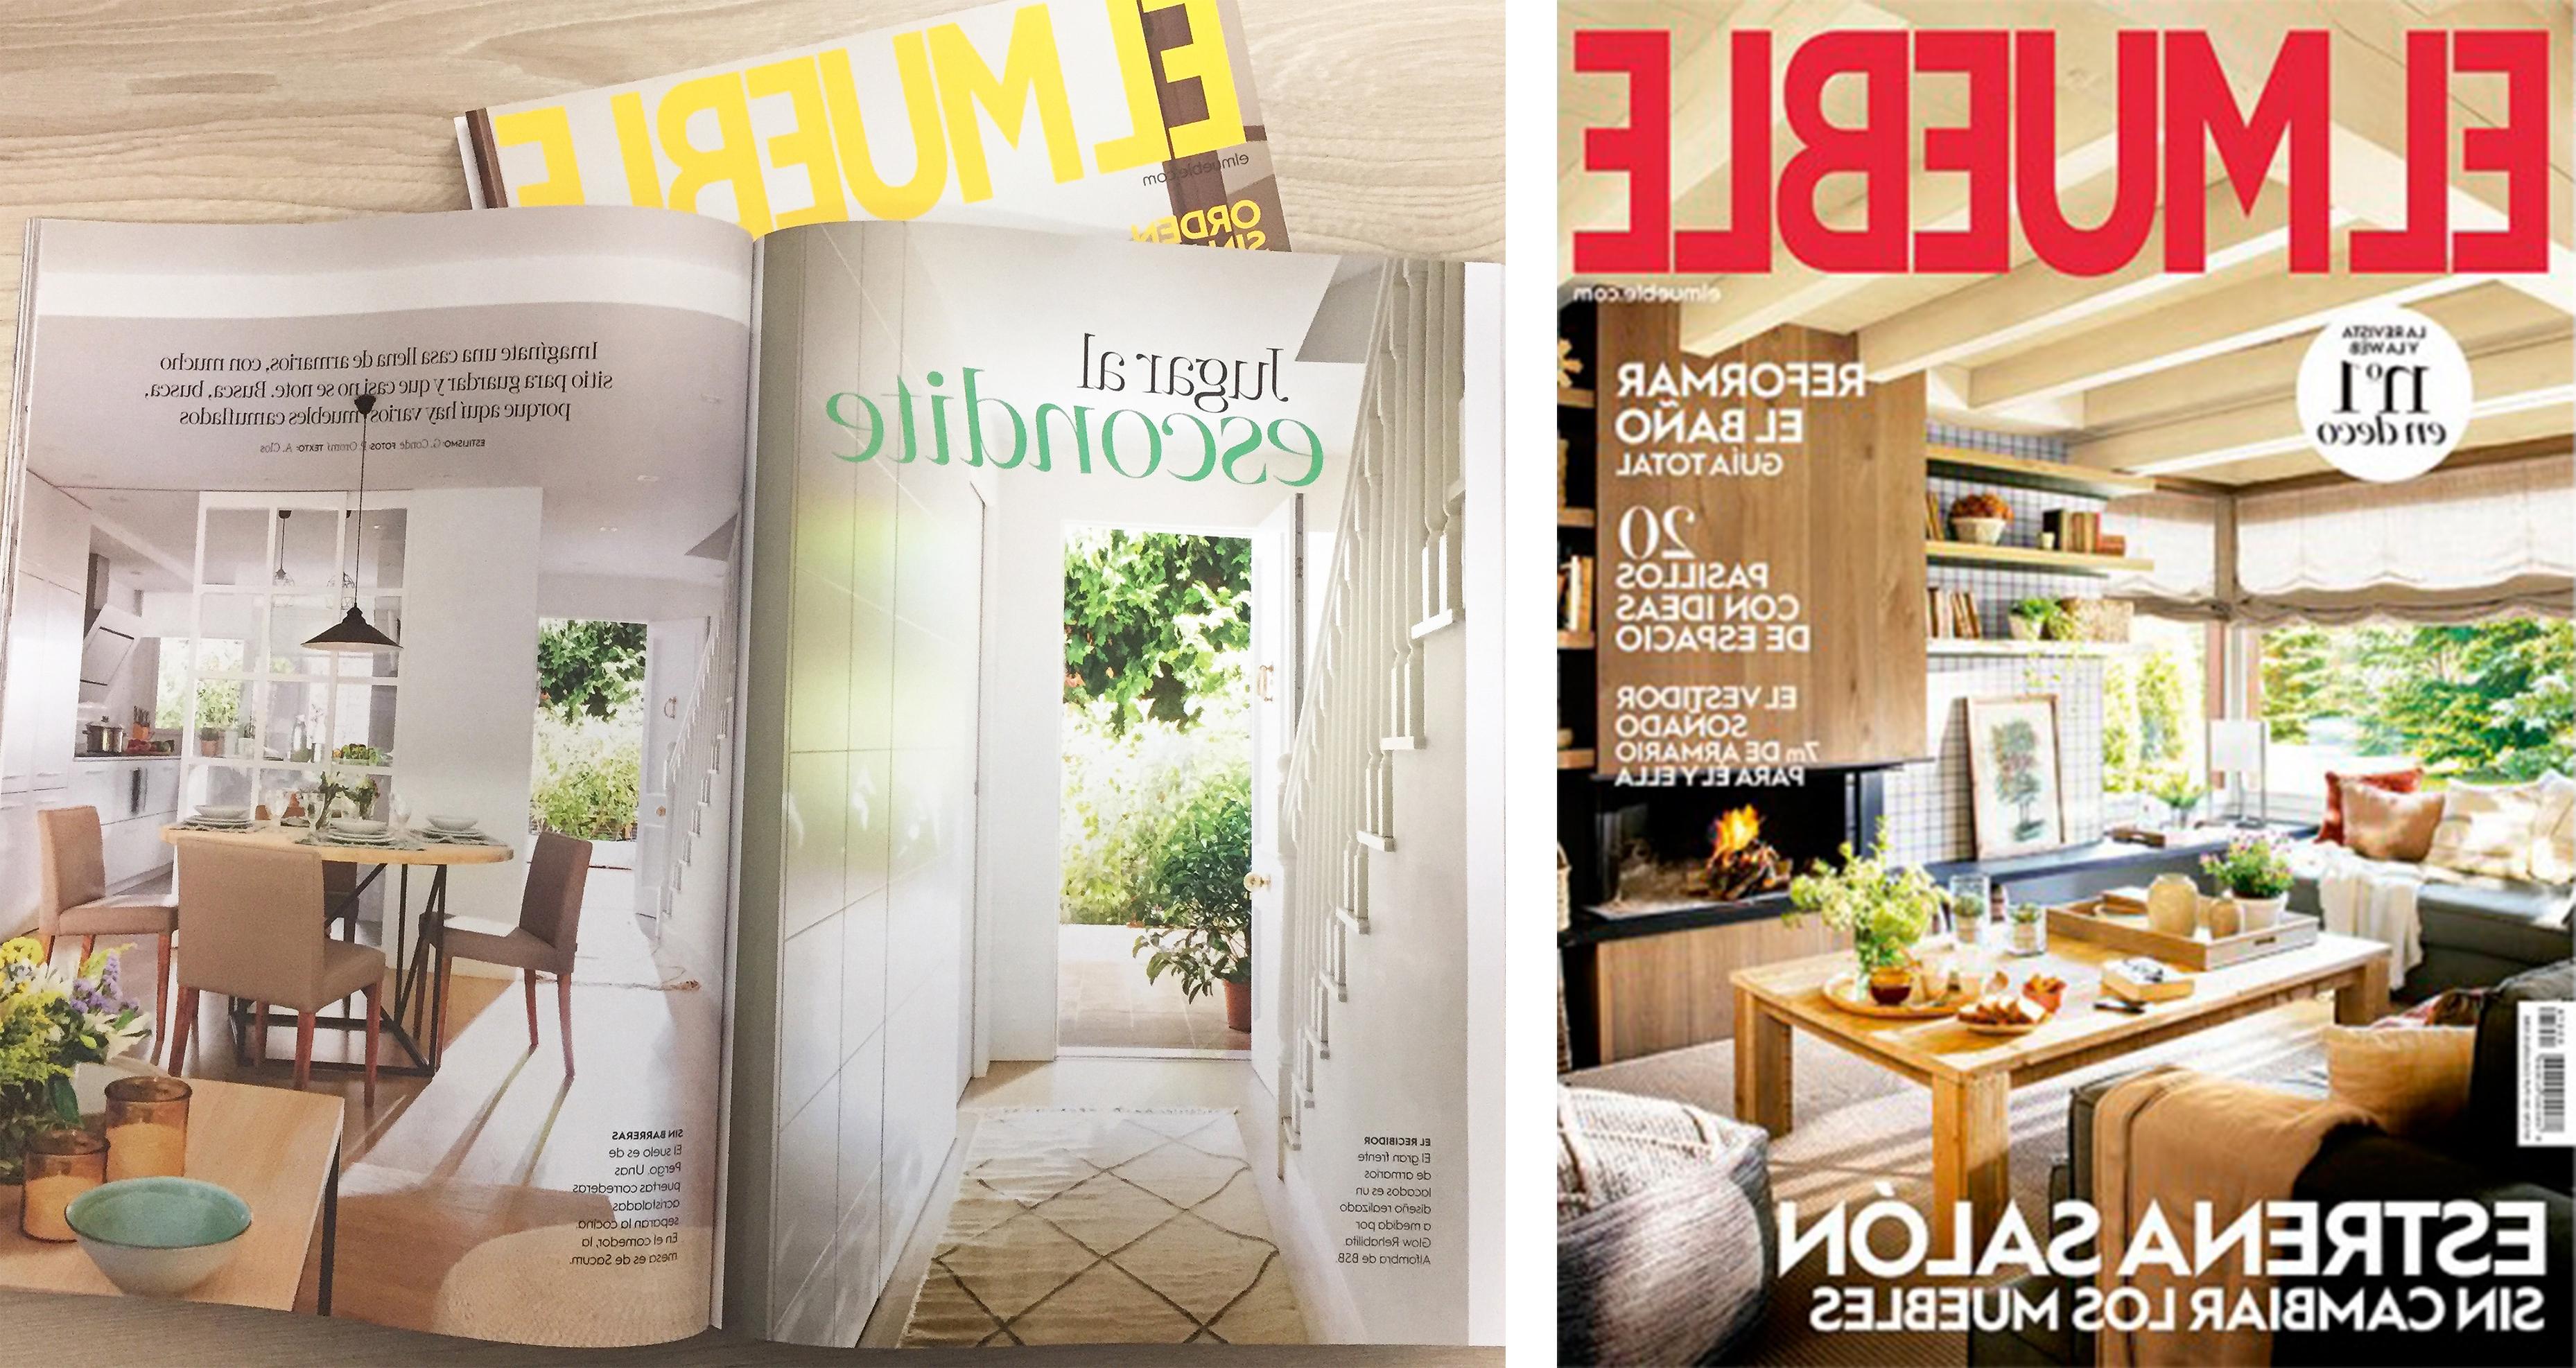 El Mueble Com 9ddf Nuestro Proyecto Jolie En La Revista El Mueble Glow Rehabilita